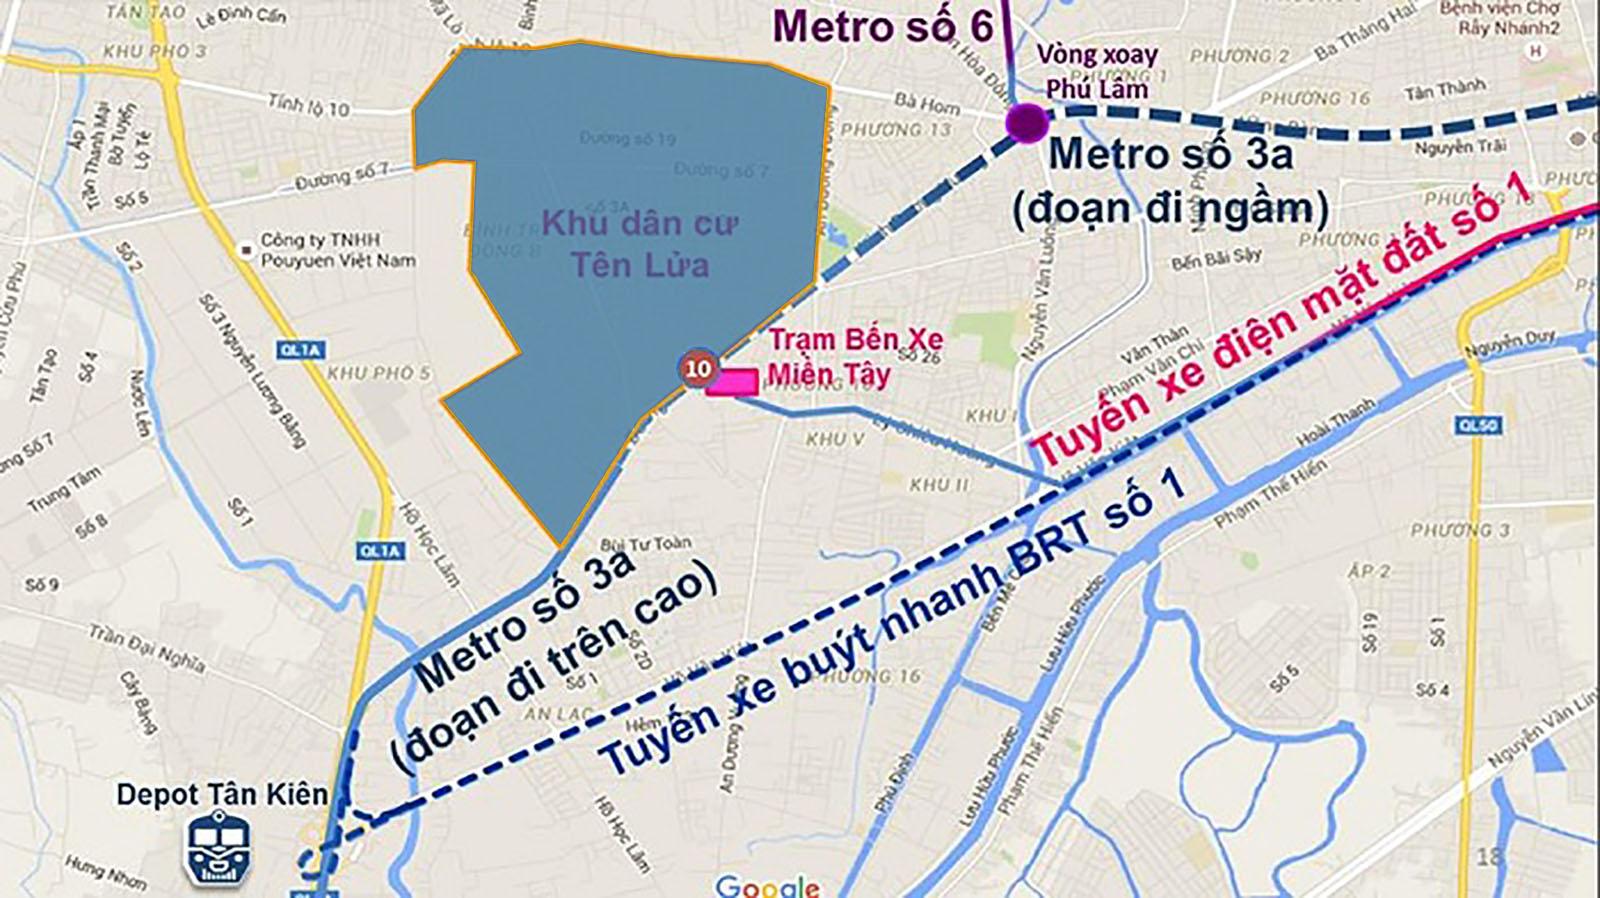 Bất Động Sản Khu Tên Lửa Quận Bình Tân.